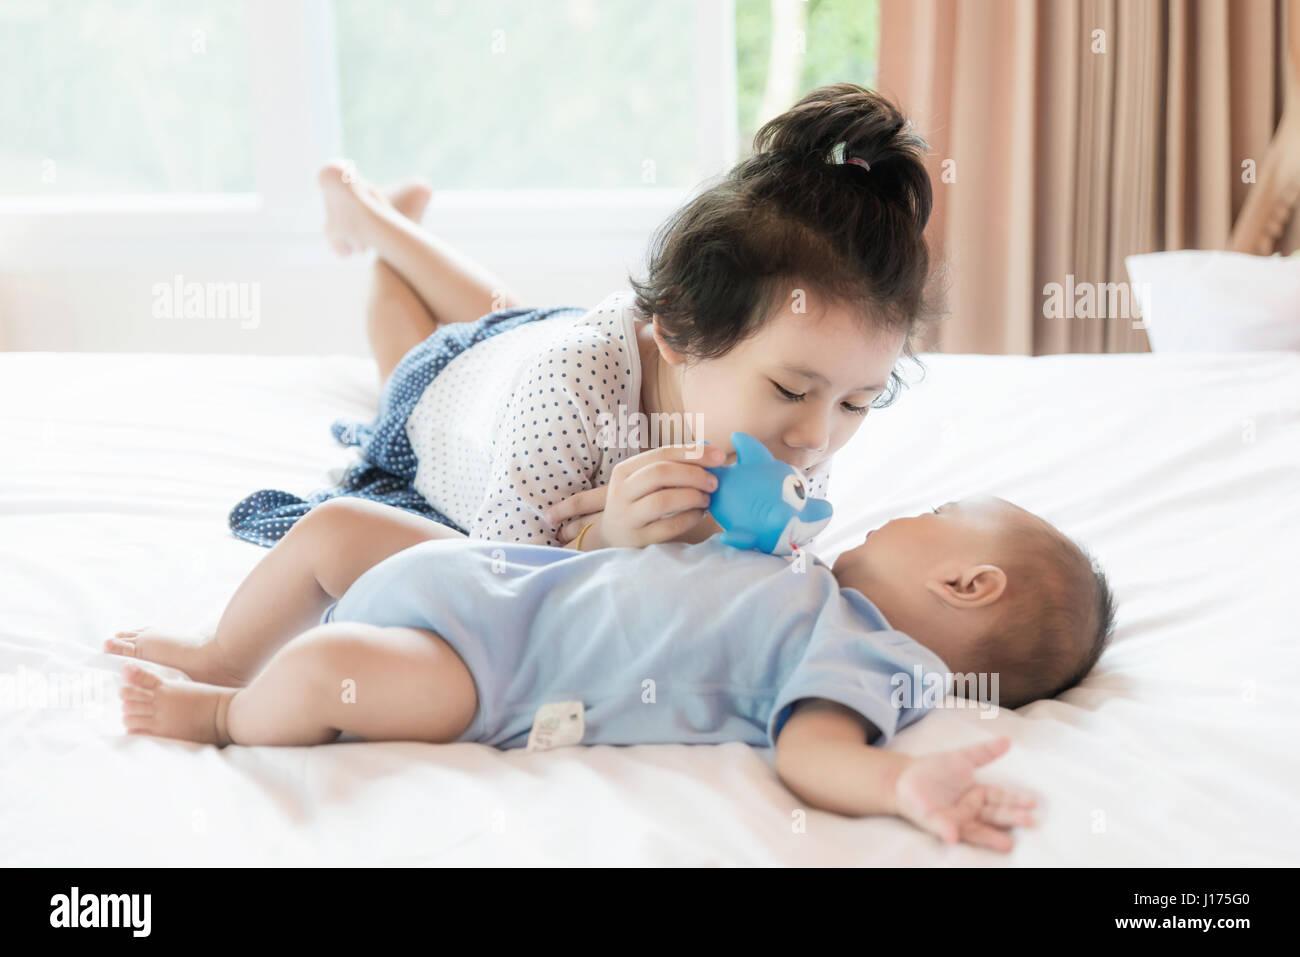 Petit frère asiatique et tout-petit sœur jouant poupée poisson dans la chambre. Famille heureuse. Banque D'Images